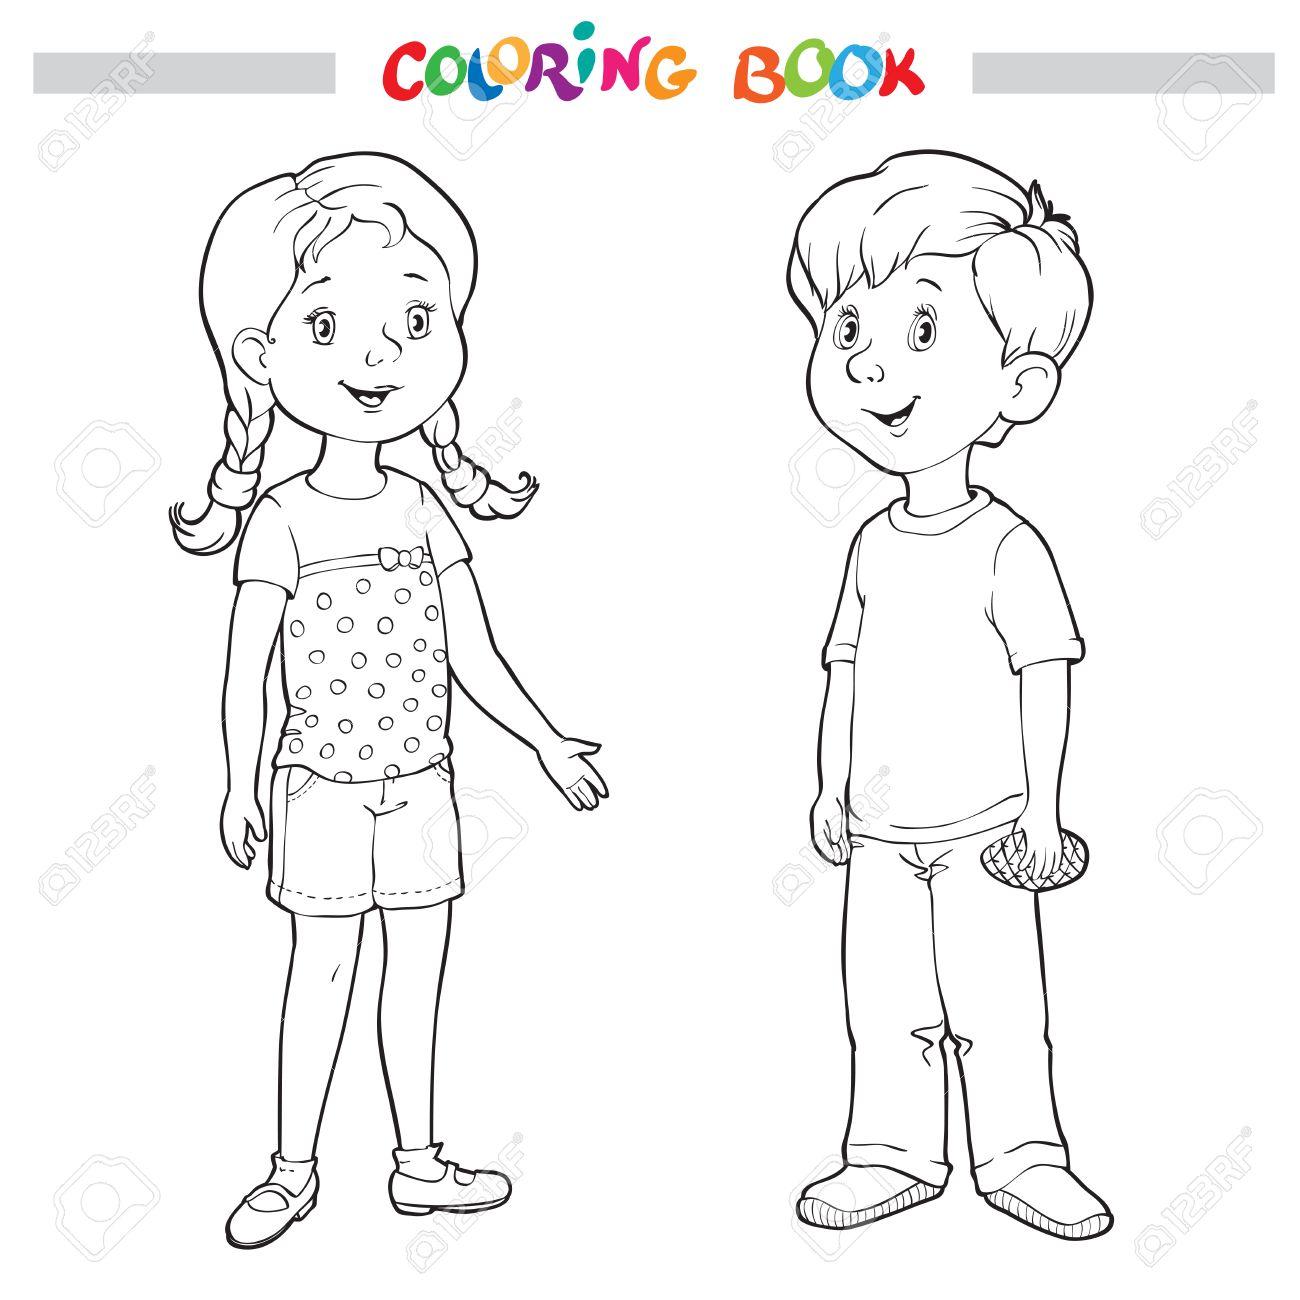 Coloriage Fille Garcon.Coloriage Livre Ou Page Garcon Et Fille Illustration Vectorielle